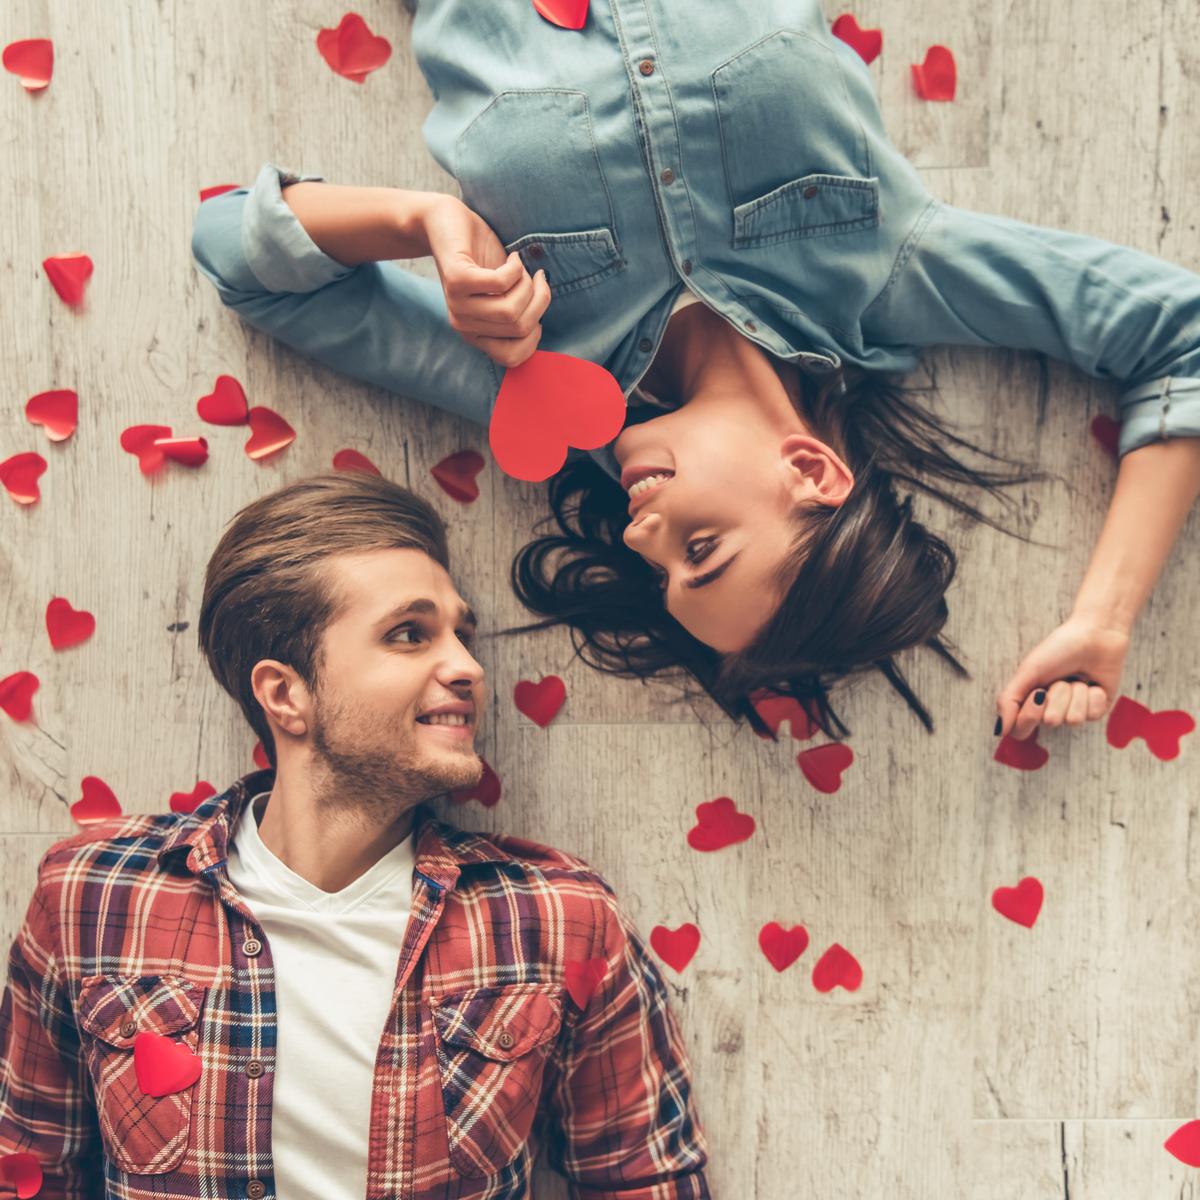 好きな人を好きにさせる!心理学であなたの片思いを成就させよう!のサムネイル画像